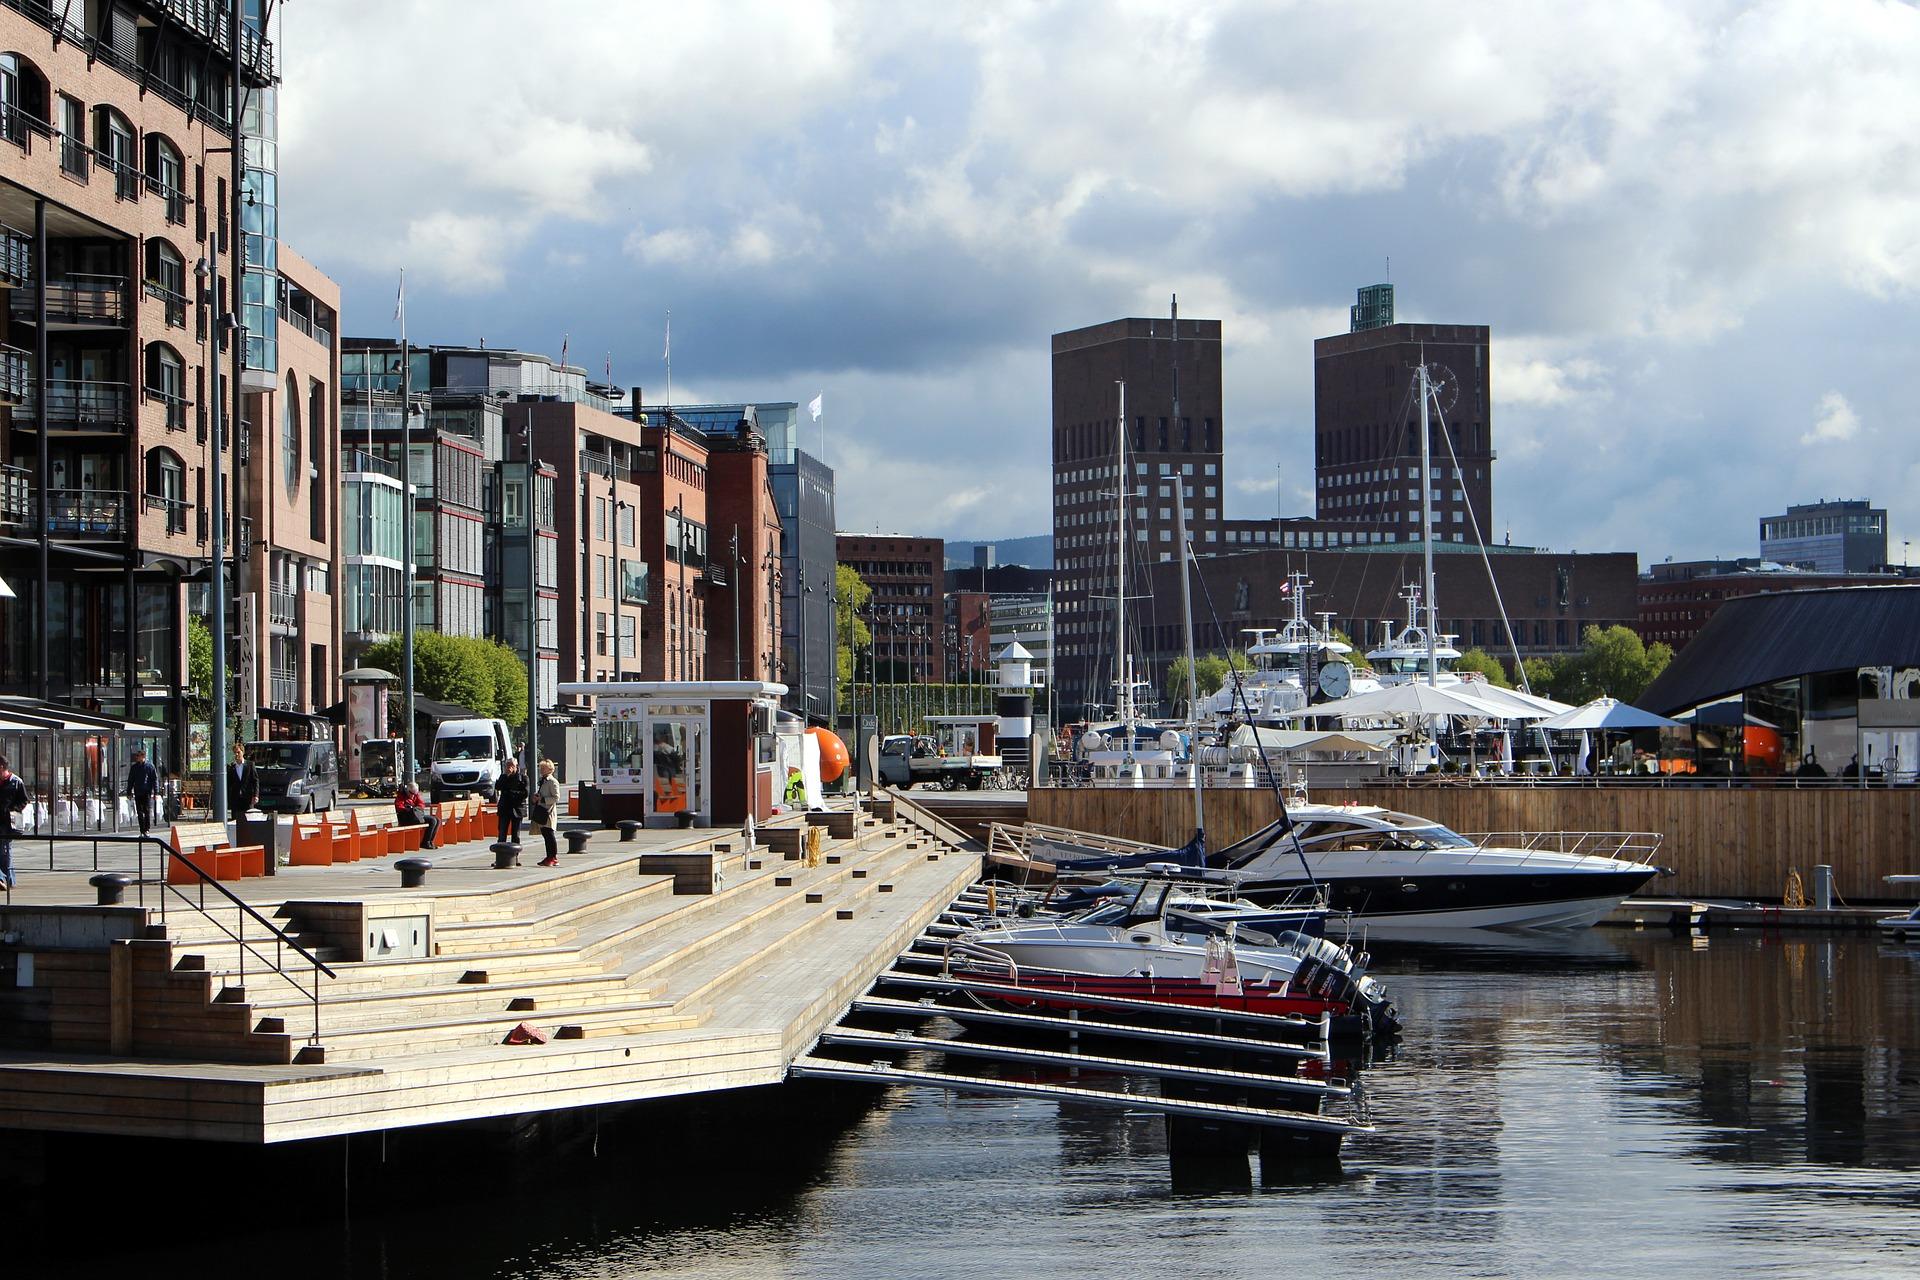 ノルウェーの首都オスロの観光スポット紹介!人気の見所はココ!